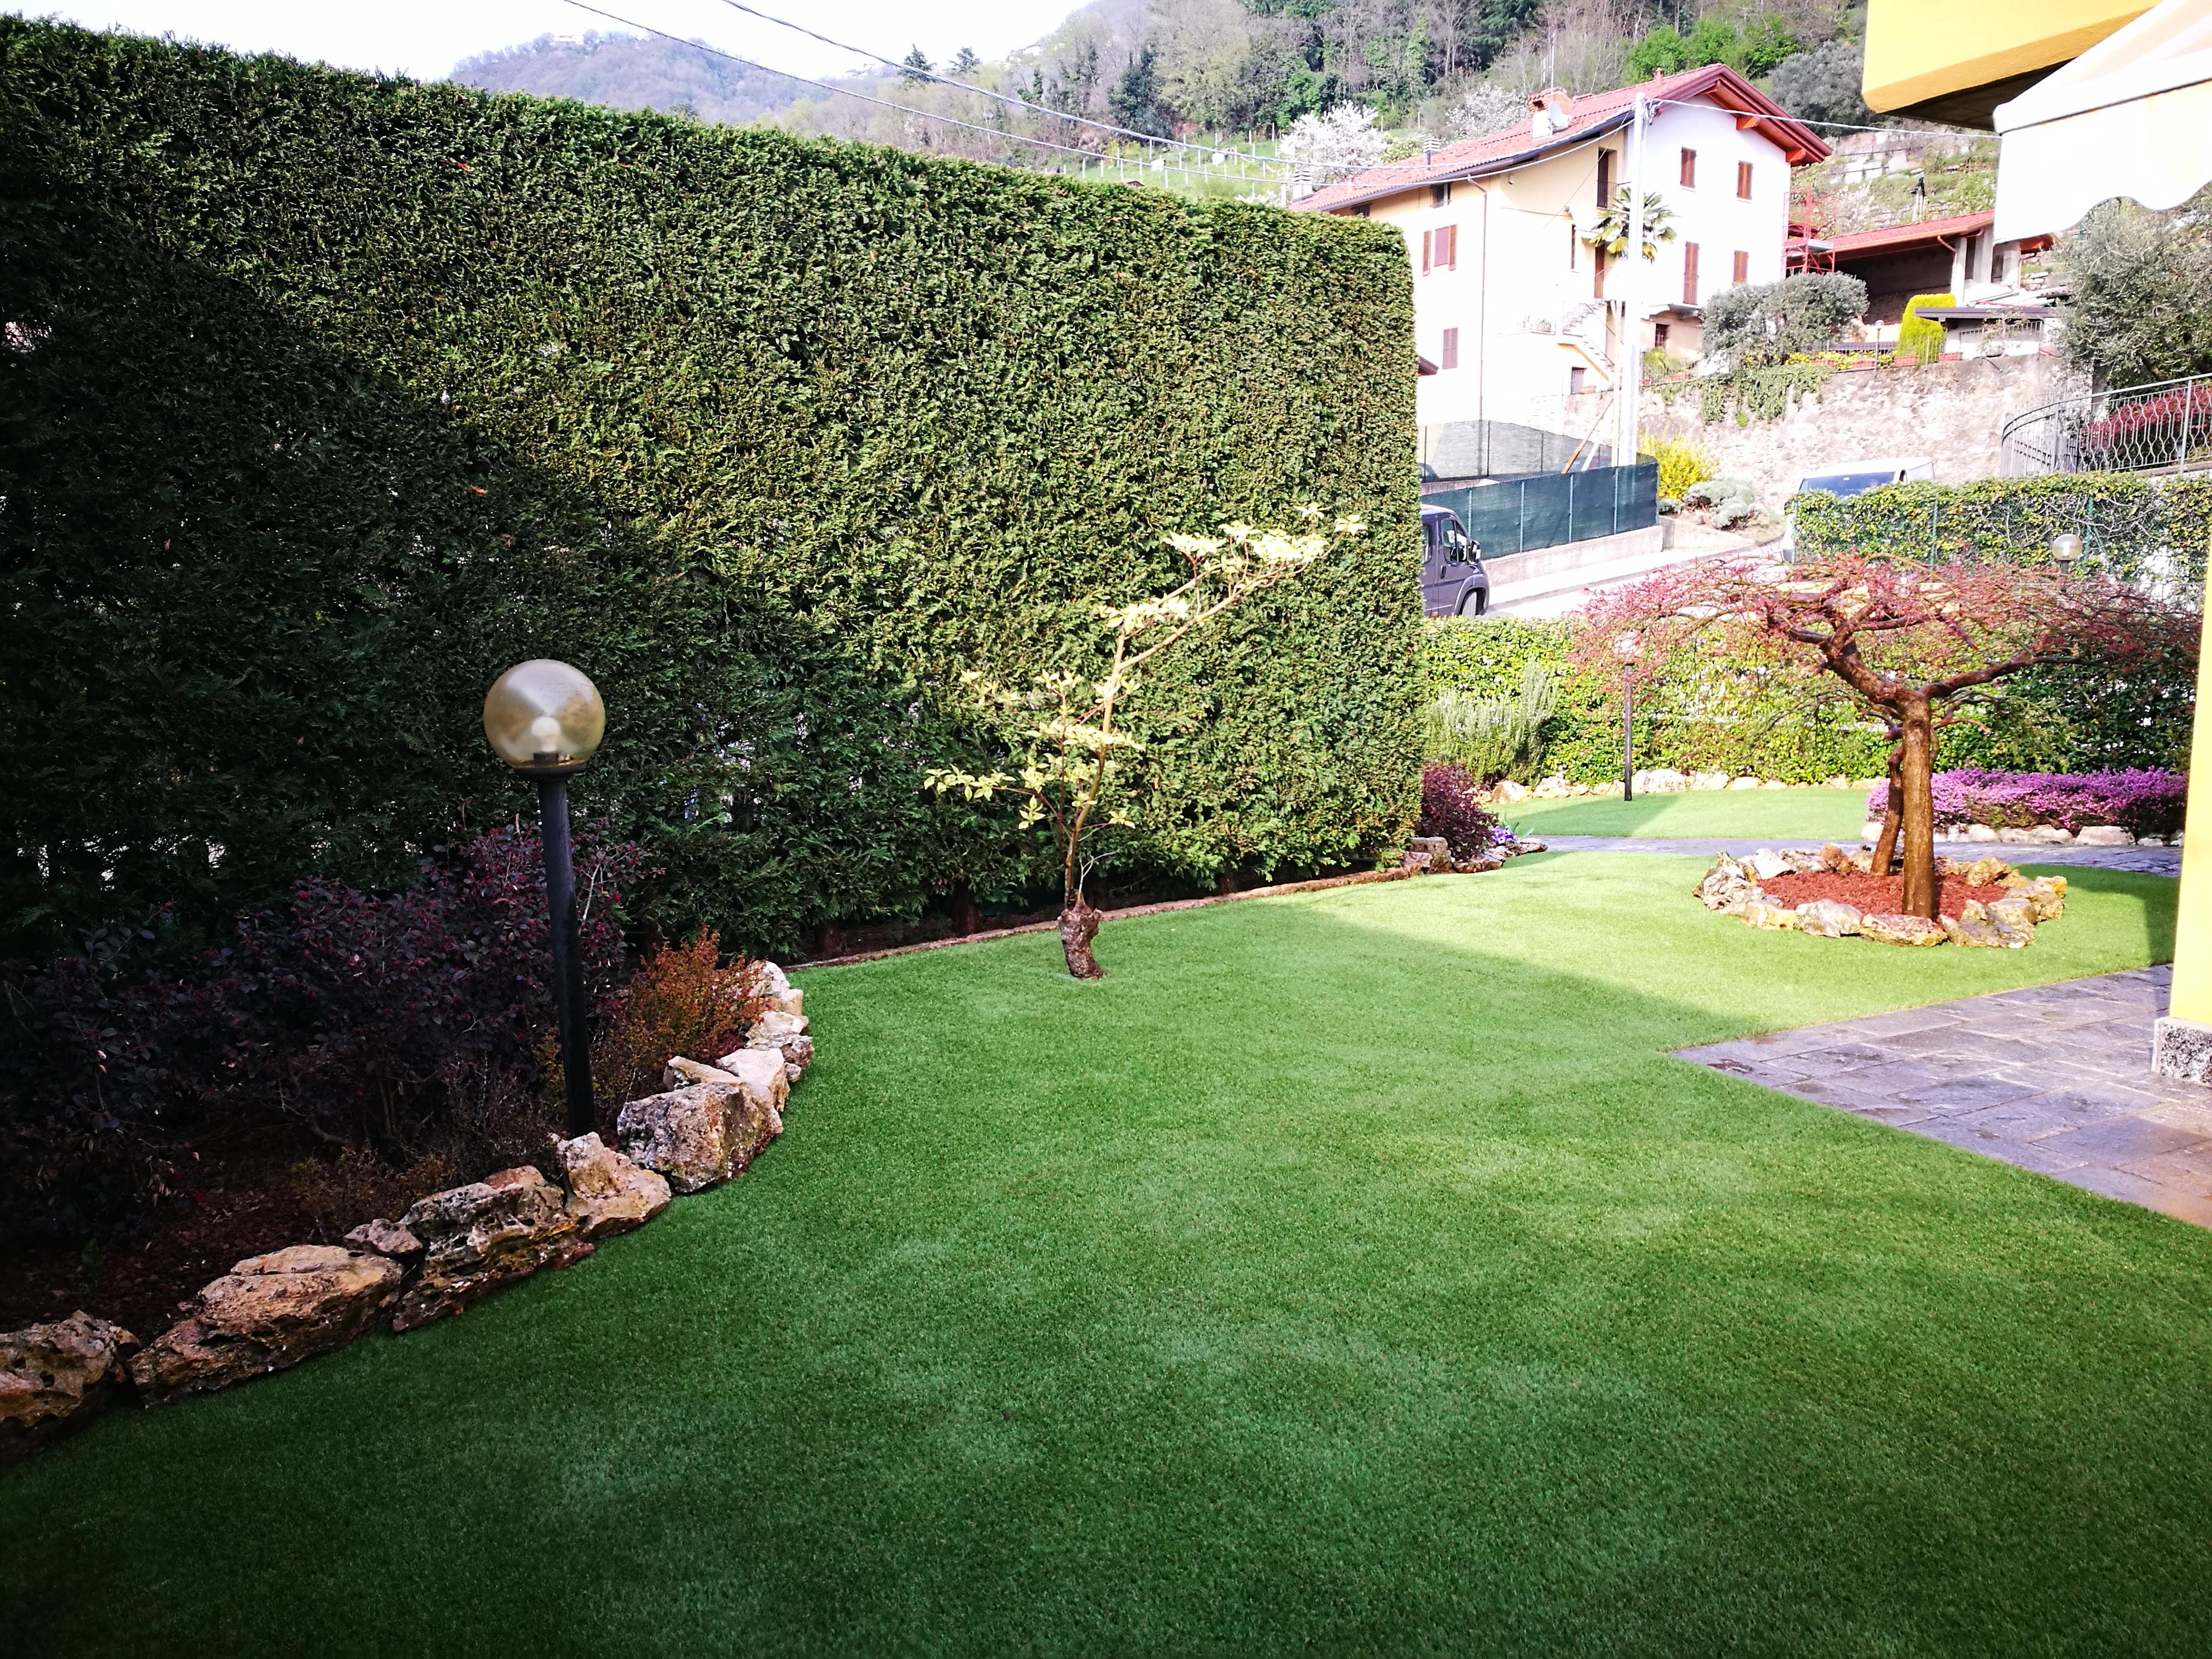 Nessun problema se in giardino c e l erba sintetica - Erba sintetica da giardino ...